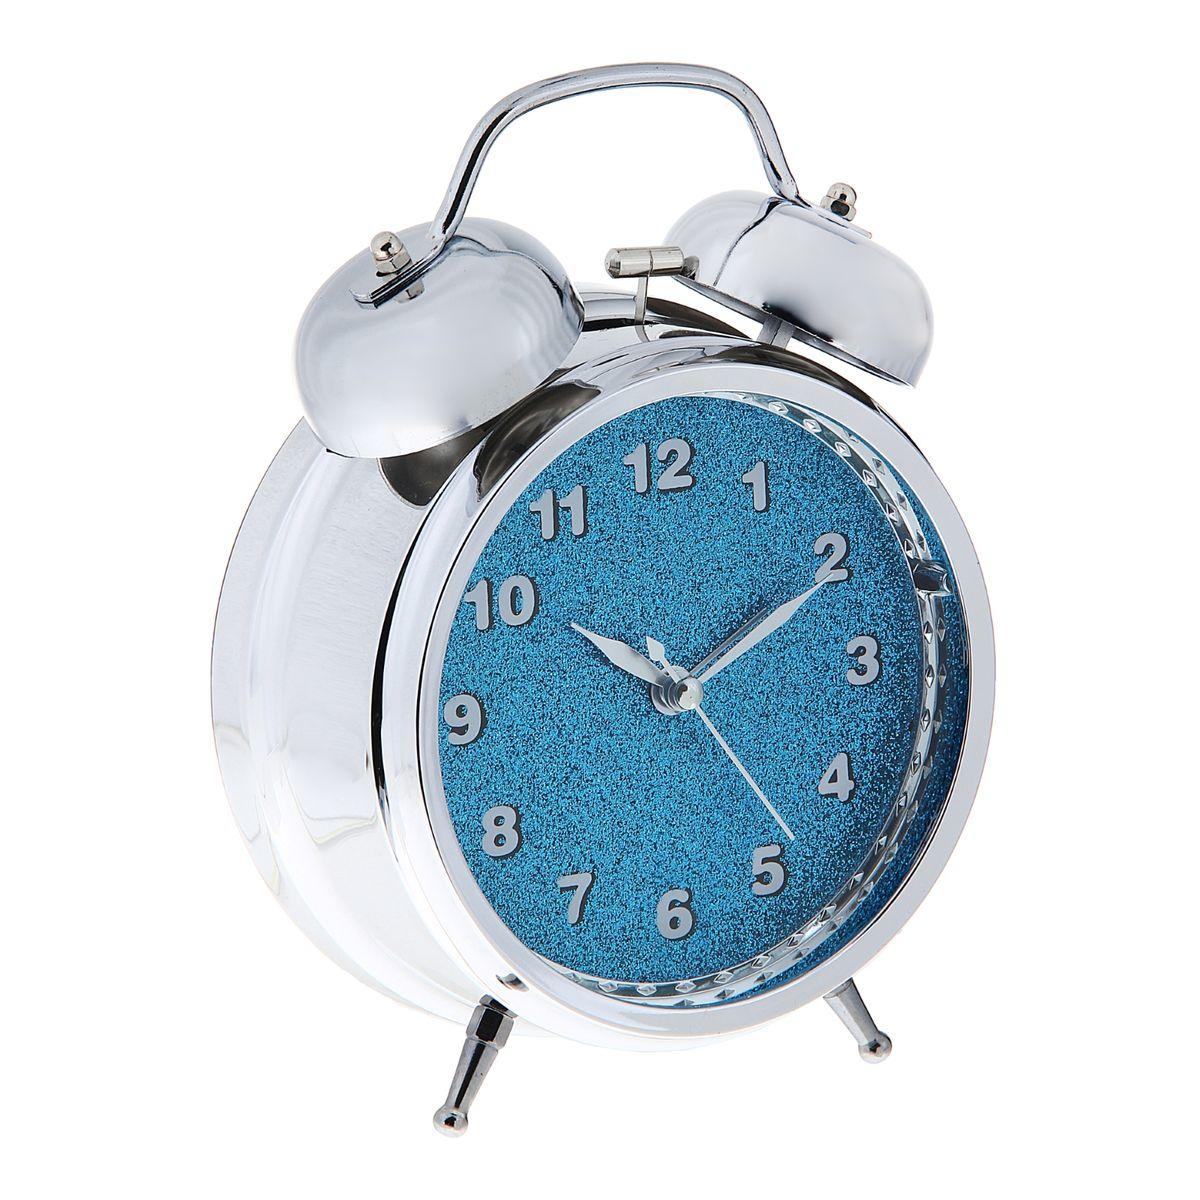 Часы-будильник Sima-land, цвет: серебристый, синий. 10564191056419Как же сложно иногда вставать вовремя! Всегда так хочется поспать еще хотябы 5 минут ибывает,что мы просыпаем. Теперь этого не случится! Яркий, оригинальный будильникSima-landпоможет вам всегдавставать в нужное время и успевать везде и всюду. Будильник украсит вашукомнату иприведет в восхищение друзей. На задней панели будильника расположены переключательвключения/выключения механизма,атакже два колесика для настройки текущего времени и времени звонкабудильника. Также будильник оснащенкнопкой, при нажатии и удержании которой подсвечивается циферблат. Будильник работает от 3 батареек типа АА (не входят в комплект).